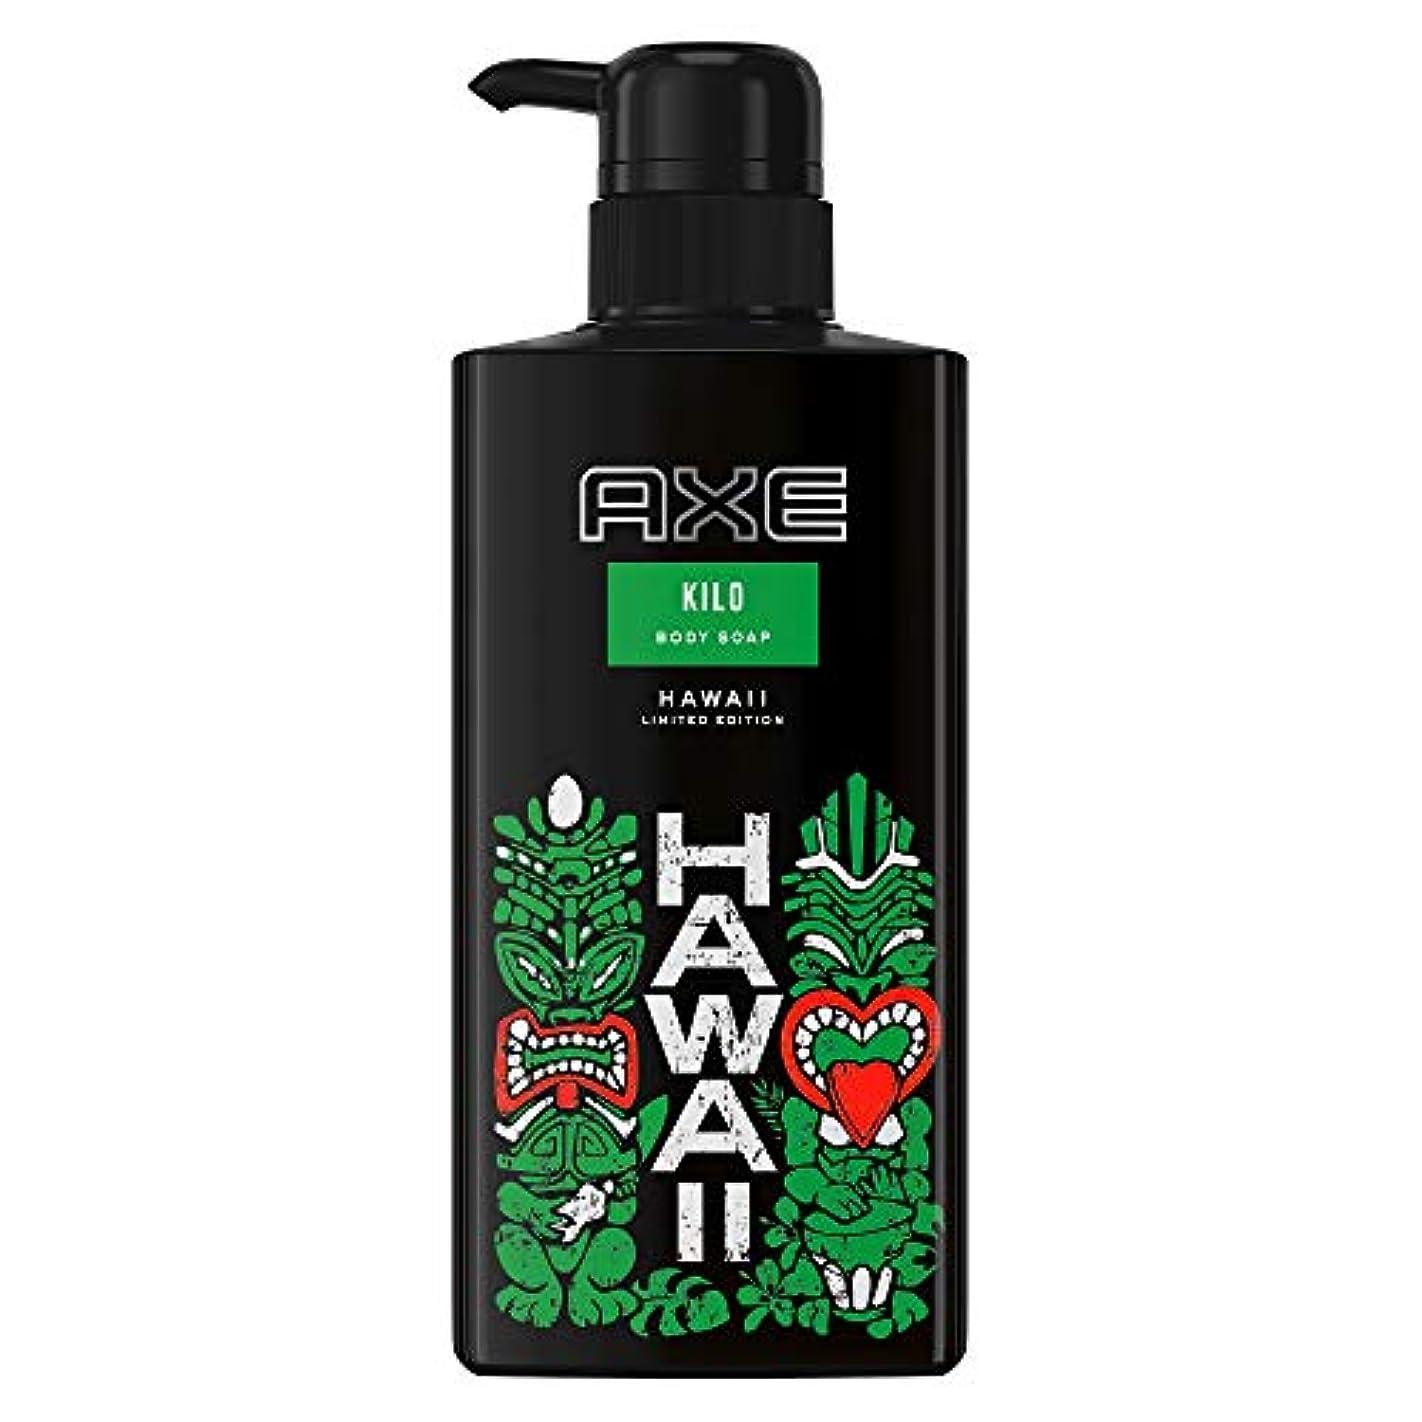 インスタント提供された貼り直すアックス フレグランス ボディソープ キロ ポンプ (アクアグリーンの香り) 400g